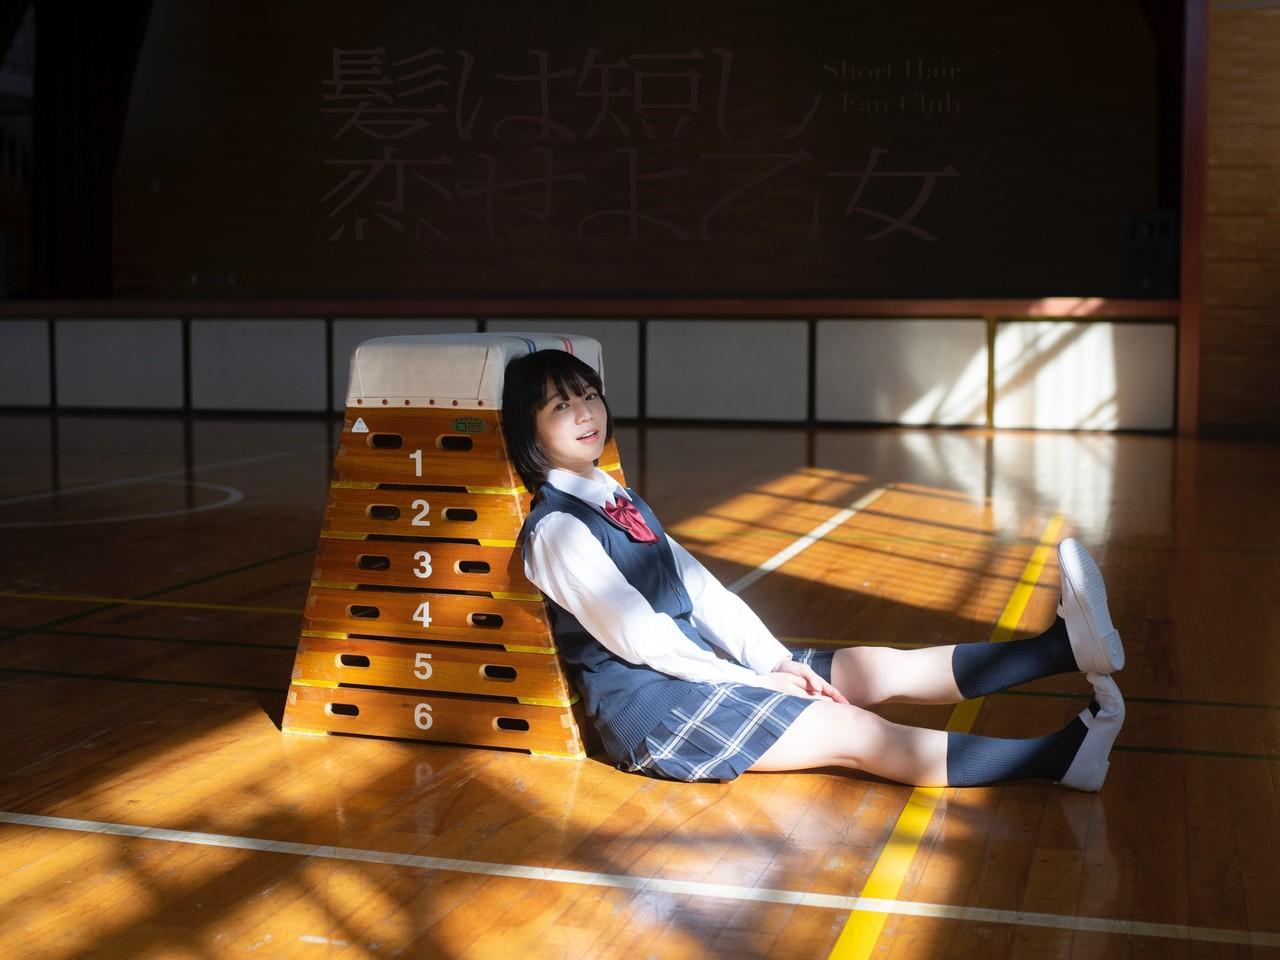 【NMB48】「次世代エース候補」16歳・大田莉央奈、卒業を発表!大学進学目指す「学業を選ばさせていただきました」 ->画像>30枚